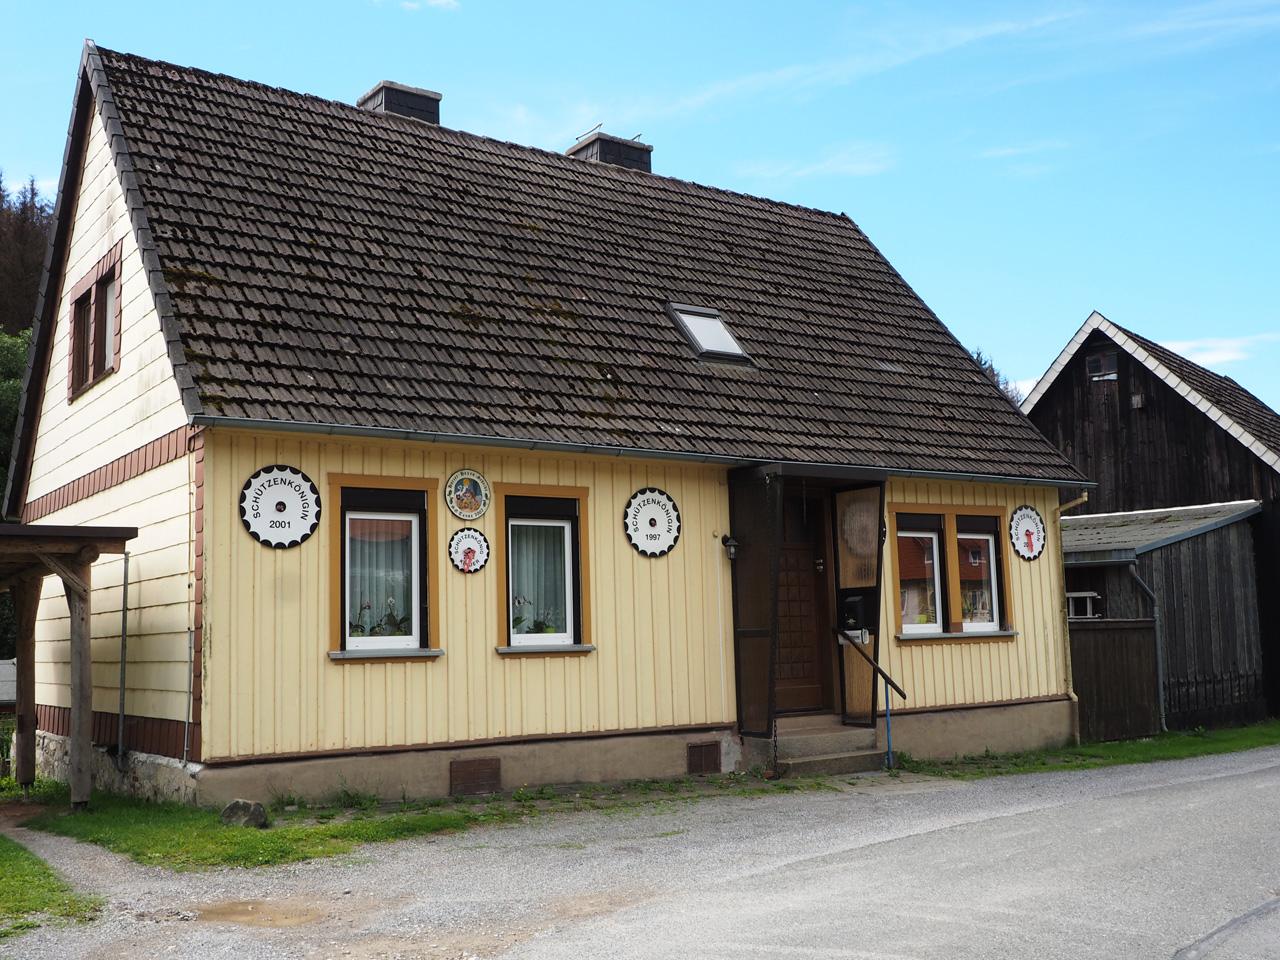 bijzondere borden op de gevels in Königshütte